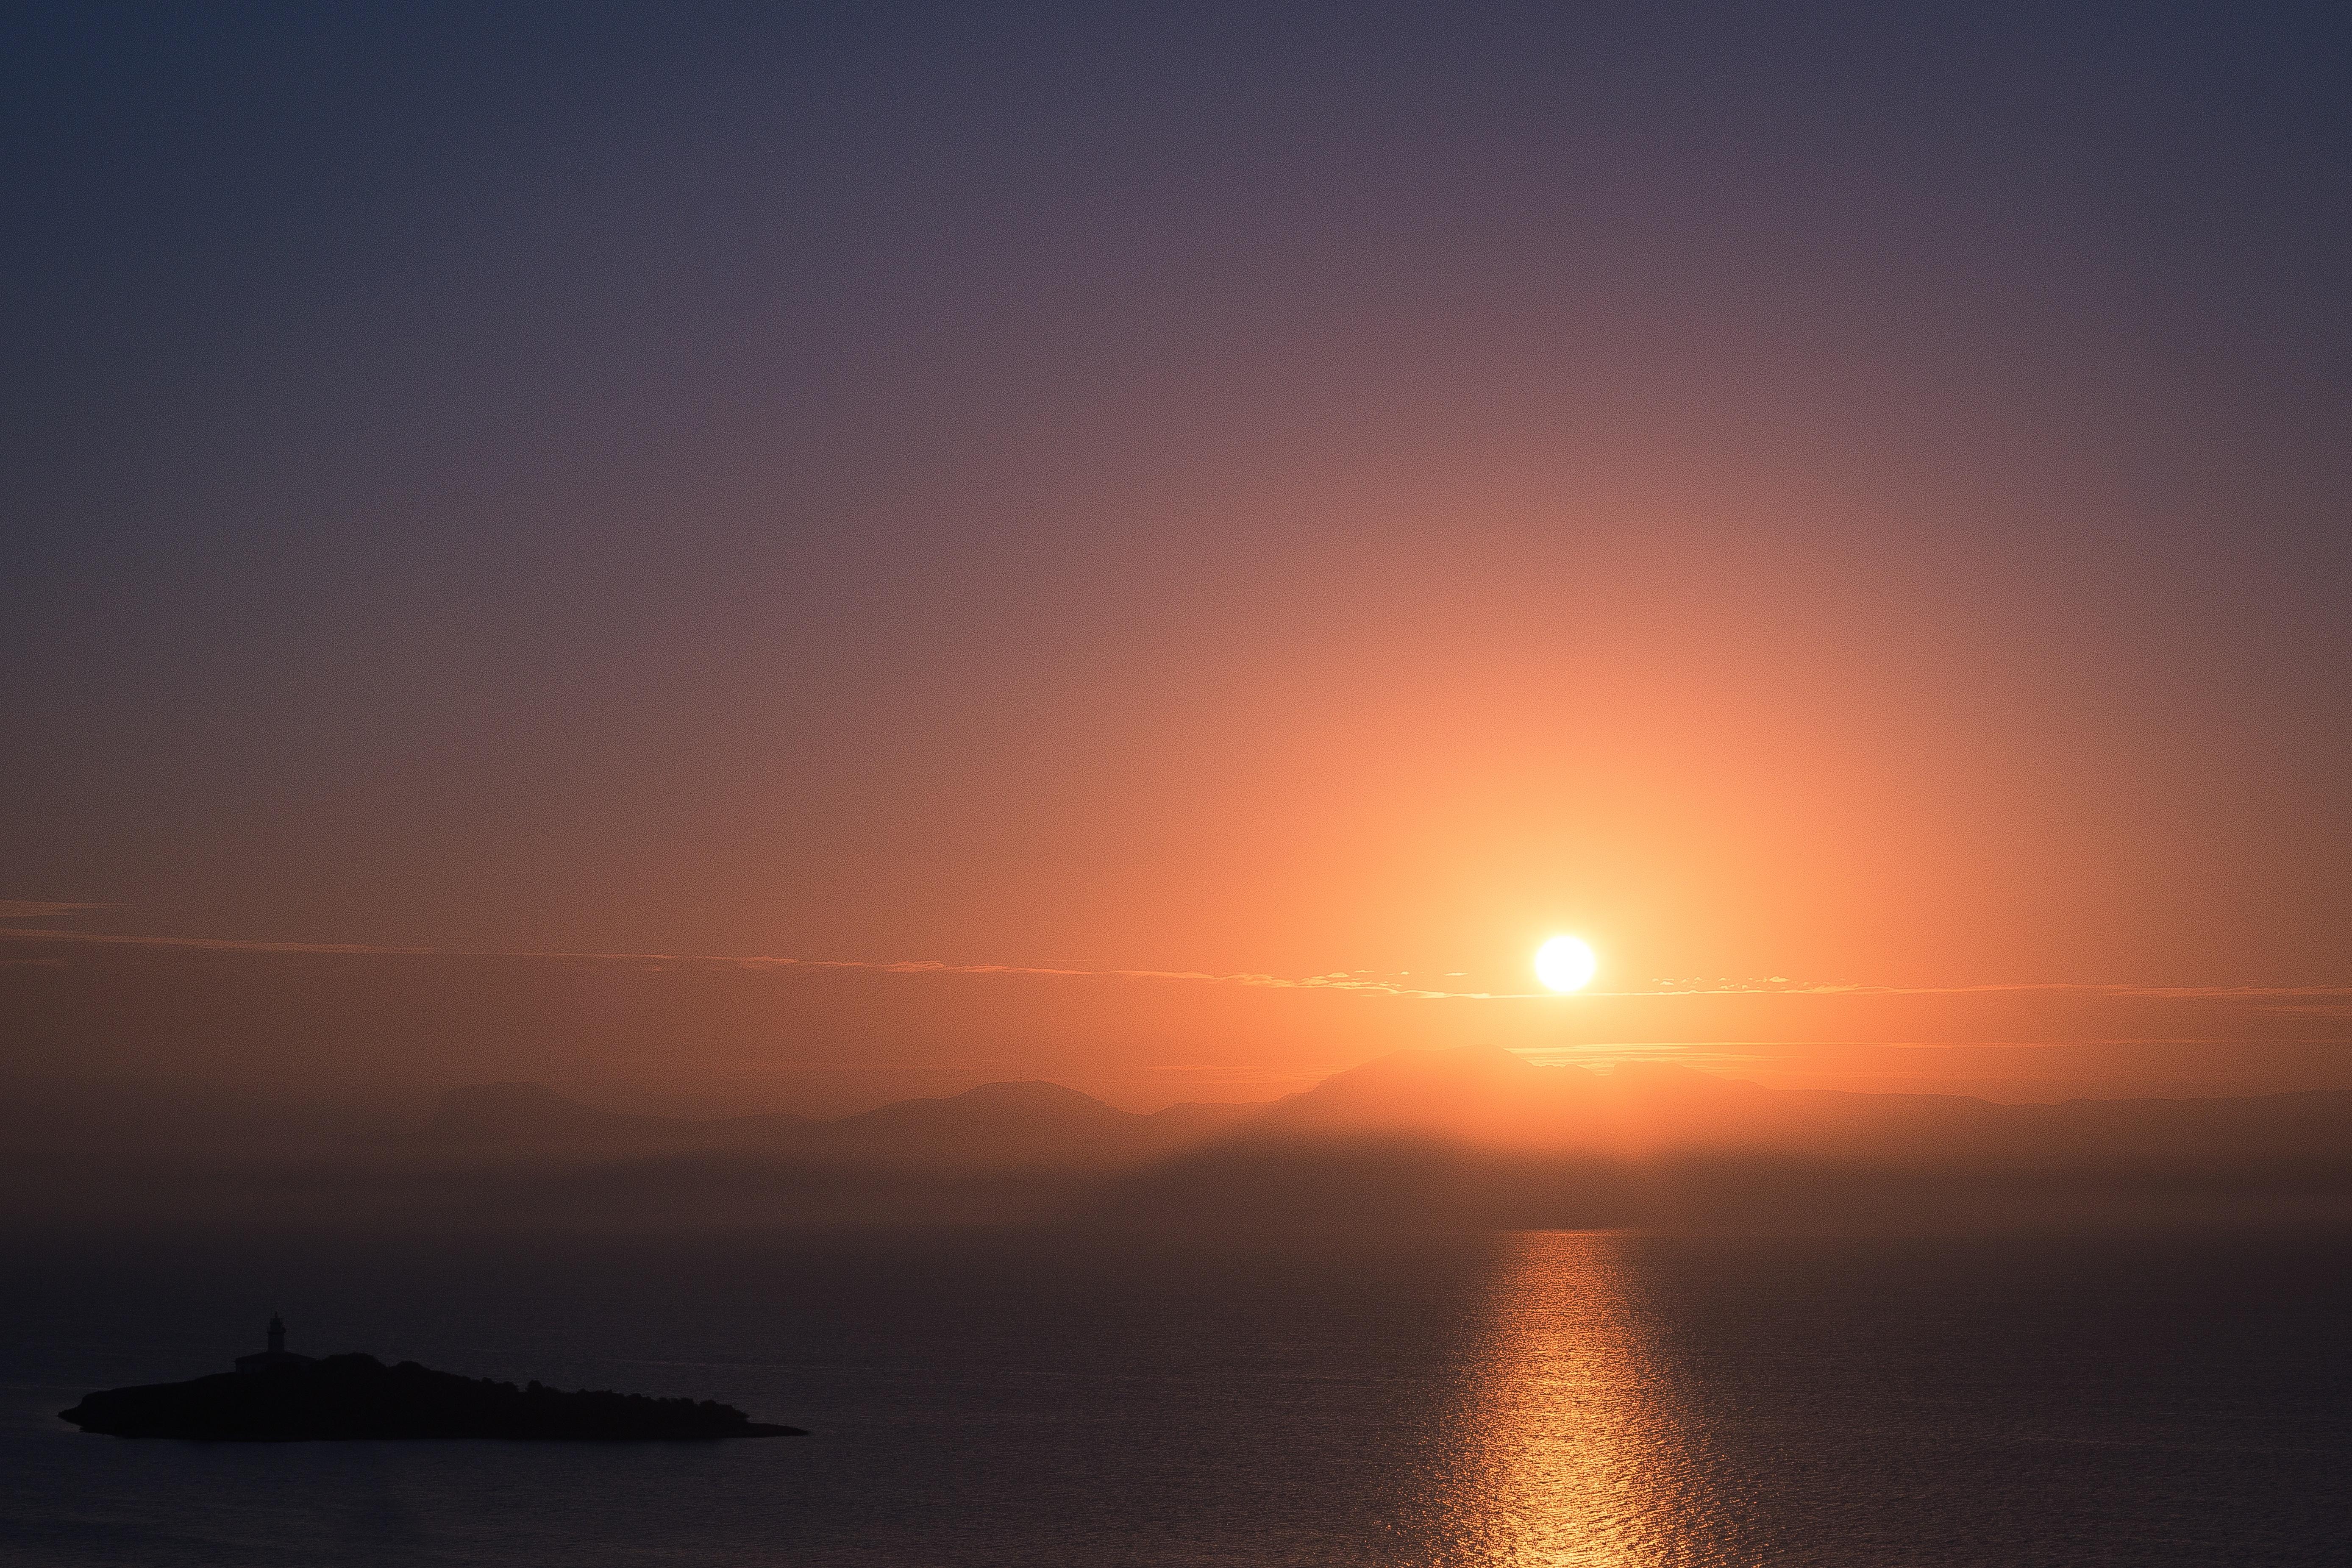 как фотографировать рассвет на море говорят